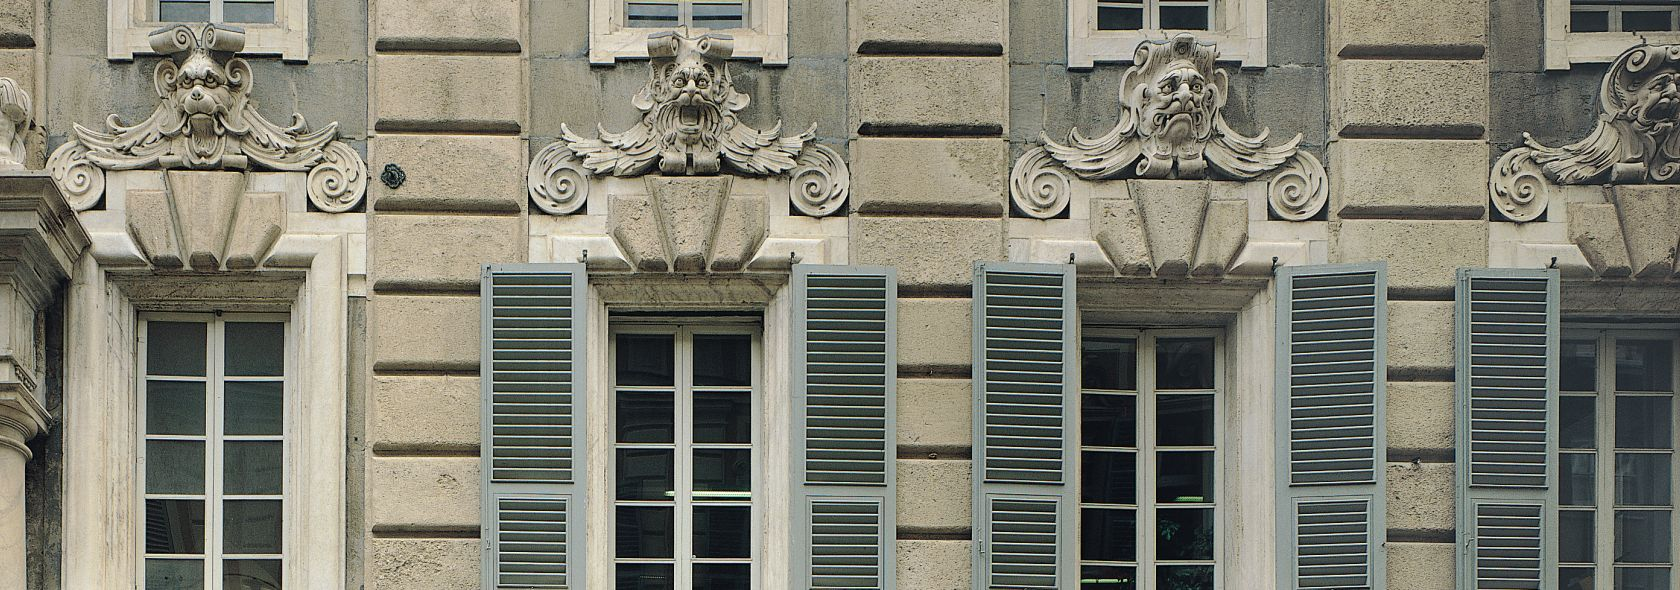 Palazzo Tursi - facciata